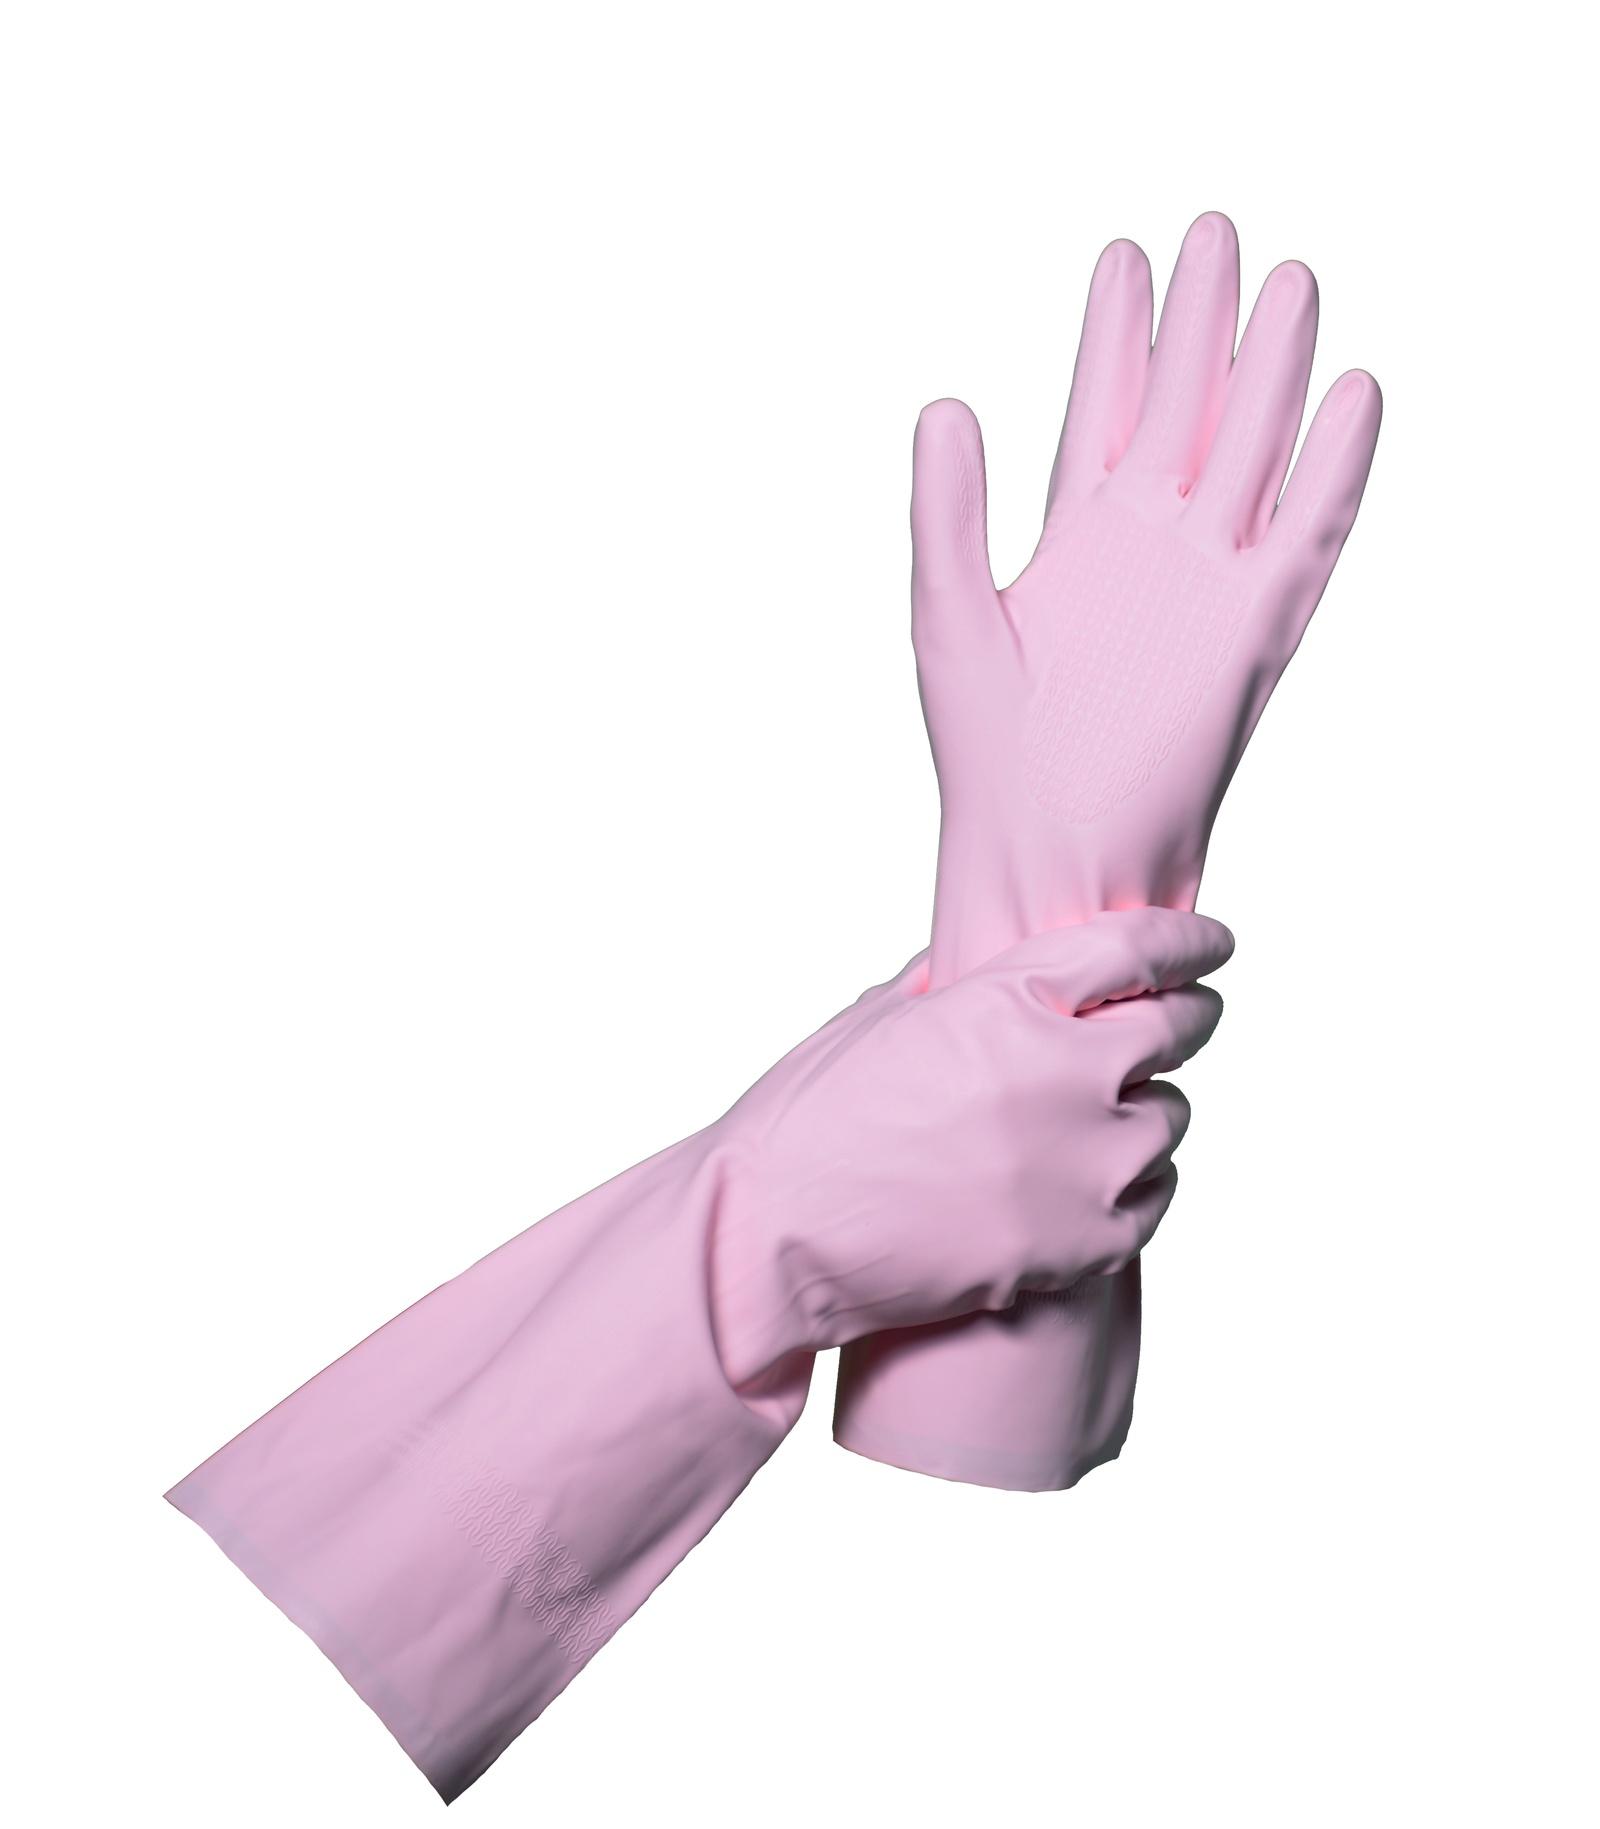 Перчатки защитные True Glove Dual protection, розовый перчатки сноубордические женские pow empress gtx glove zebra